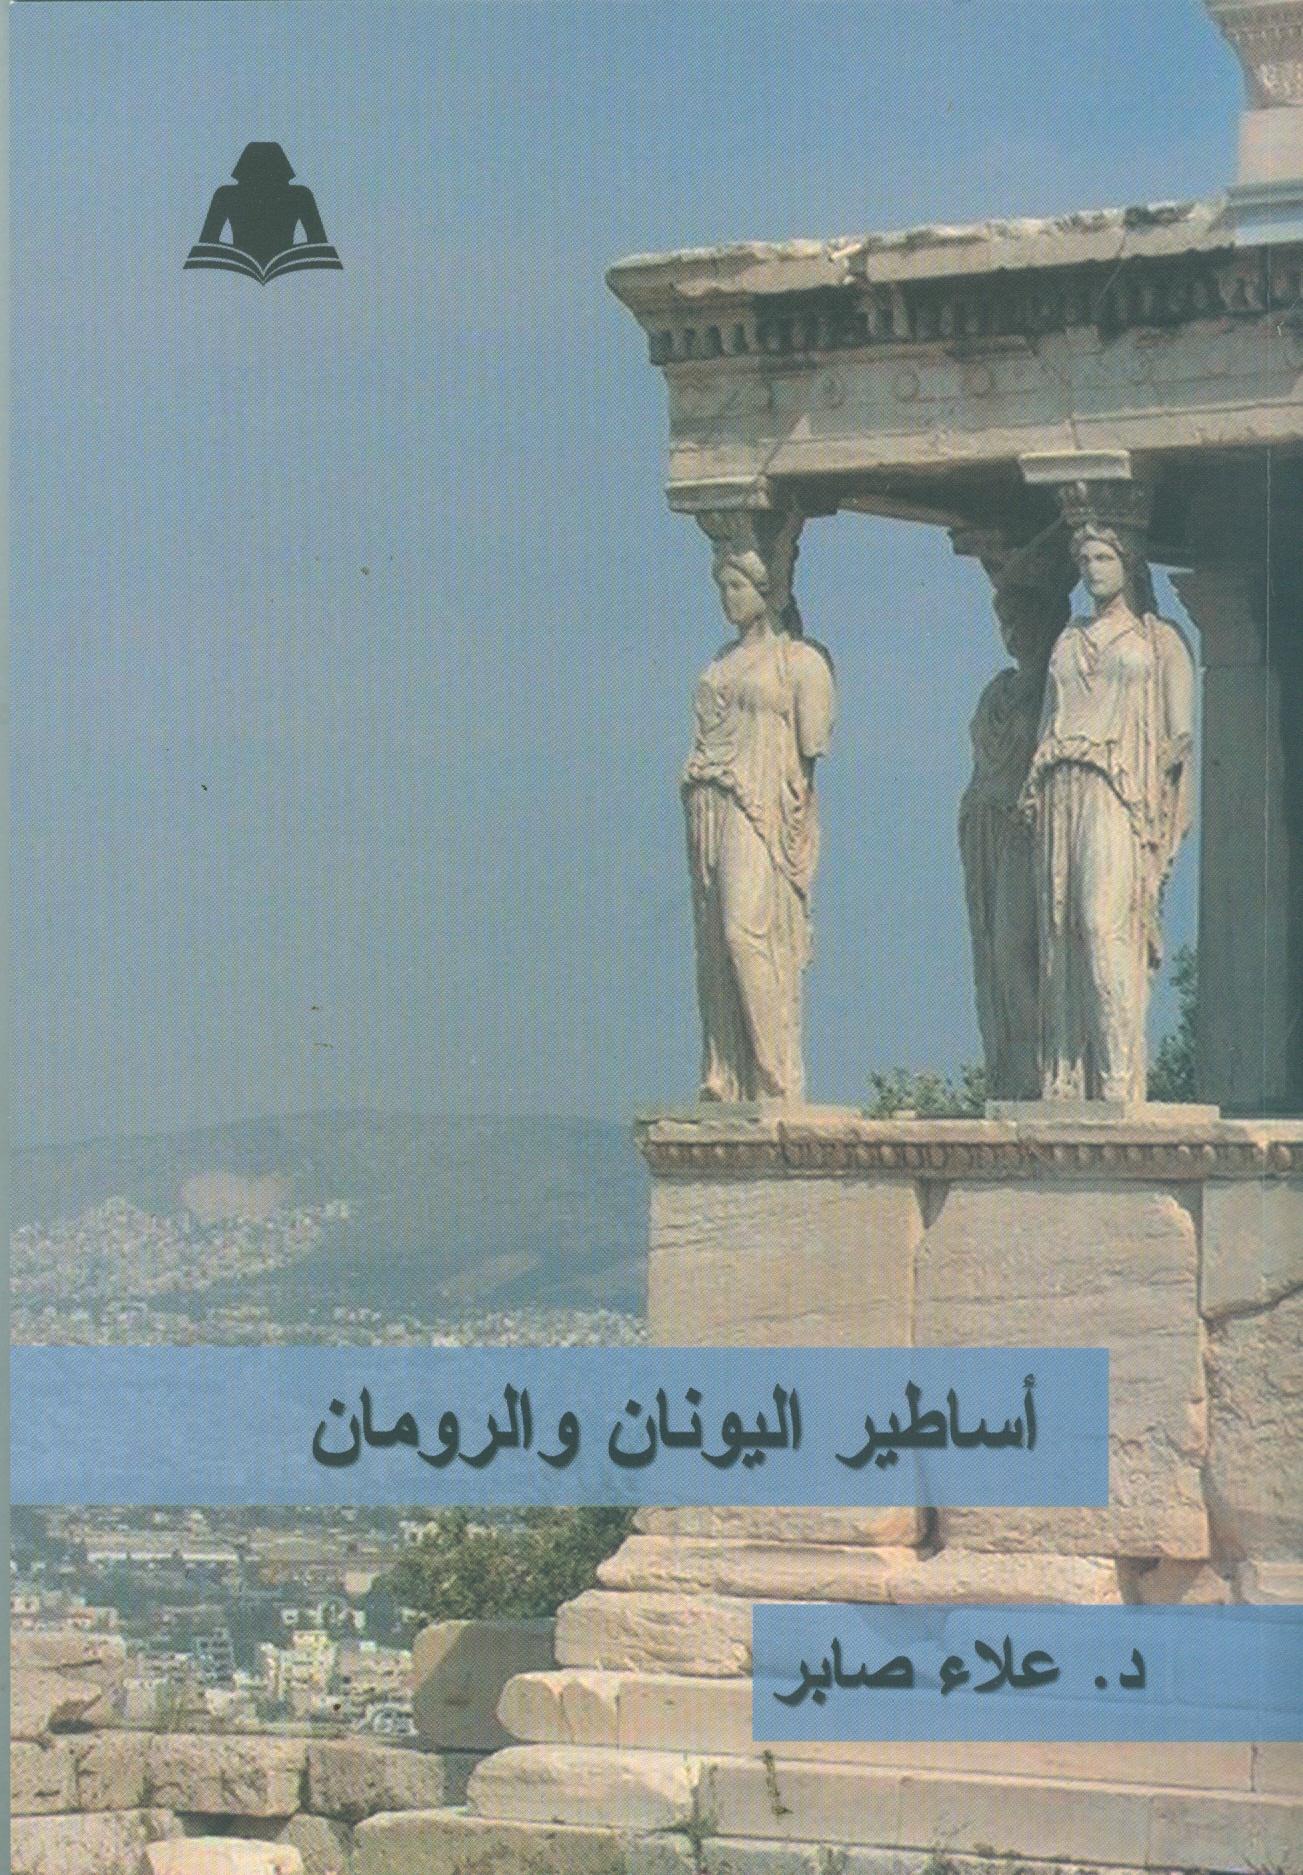 أساطير اليونان والرومان